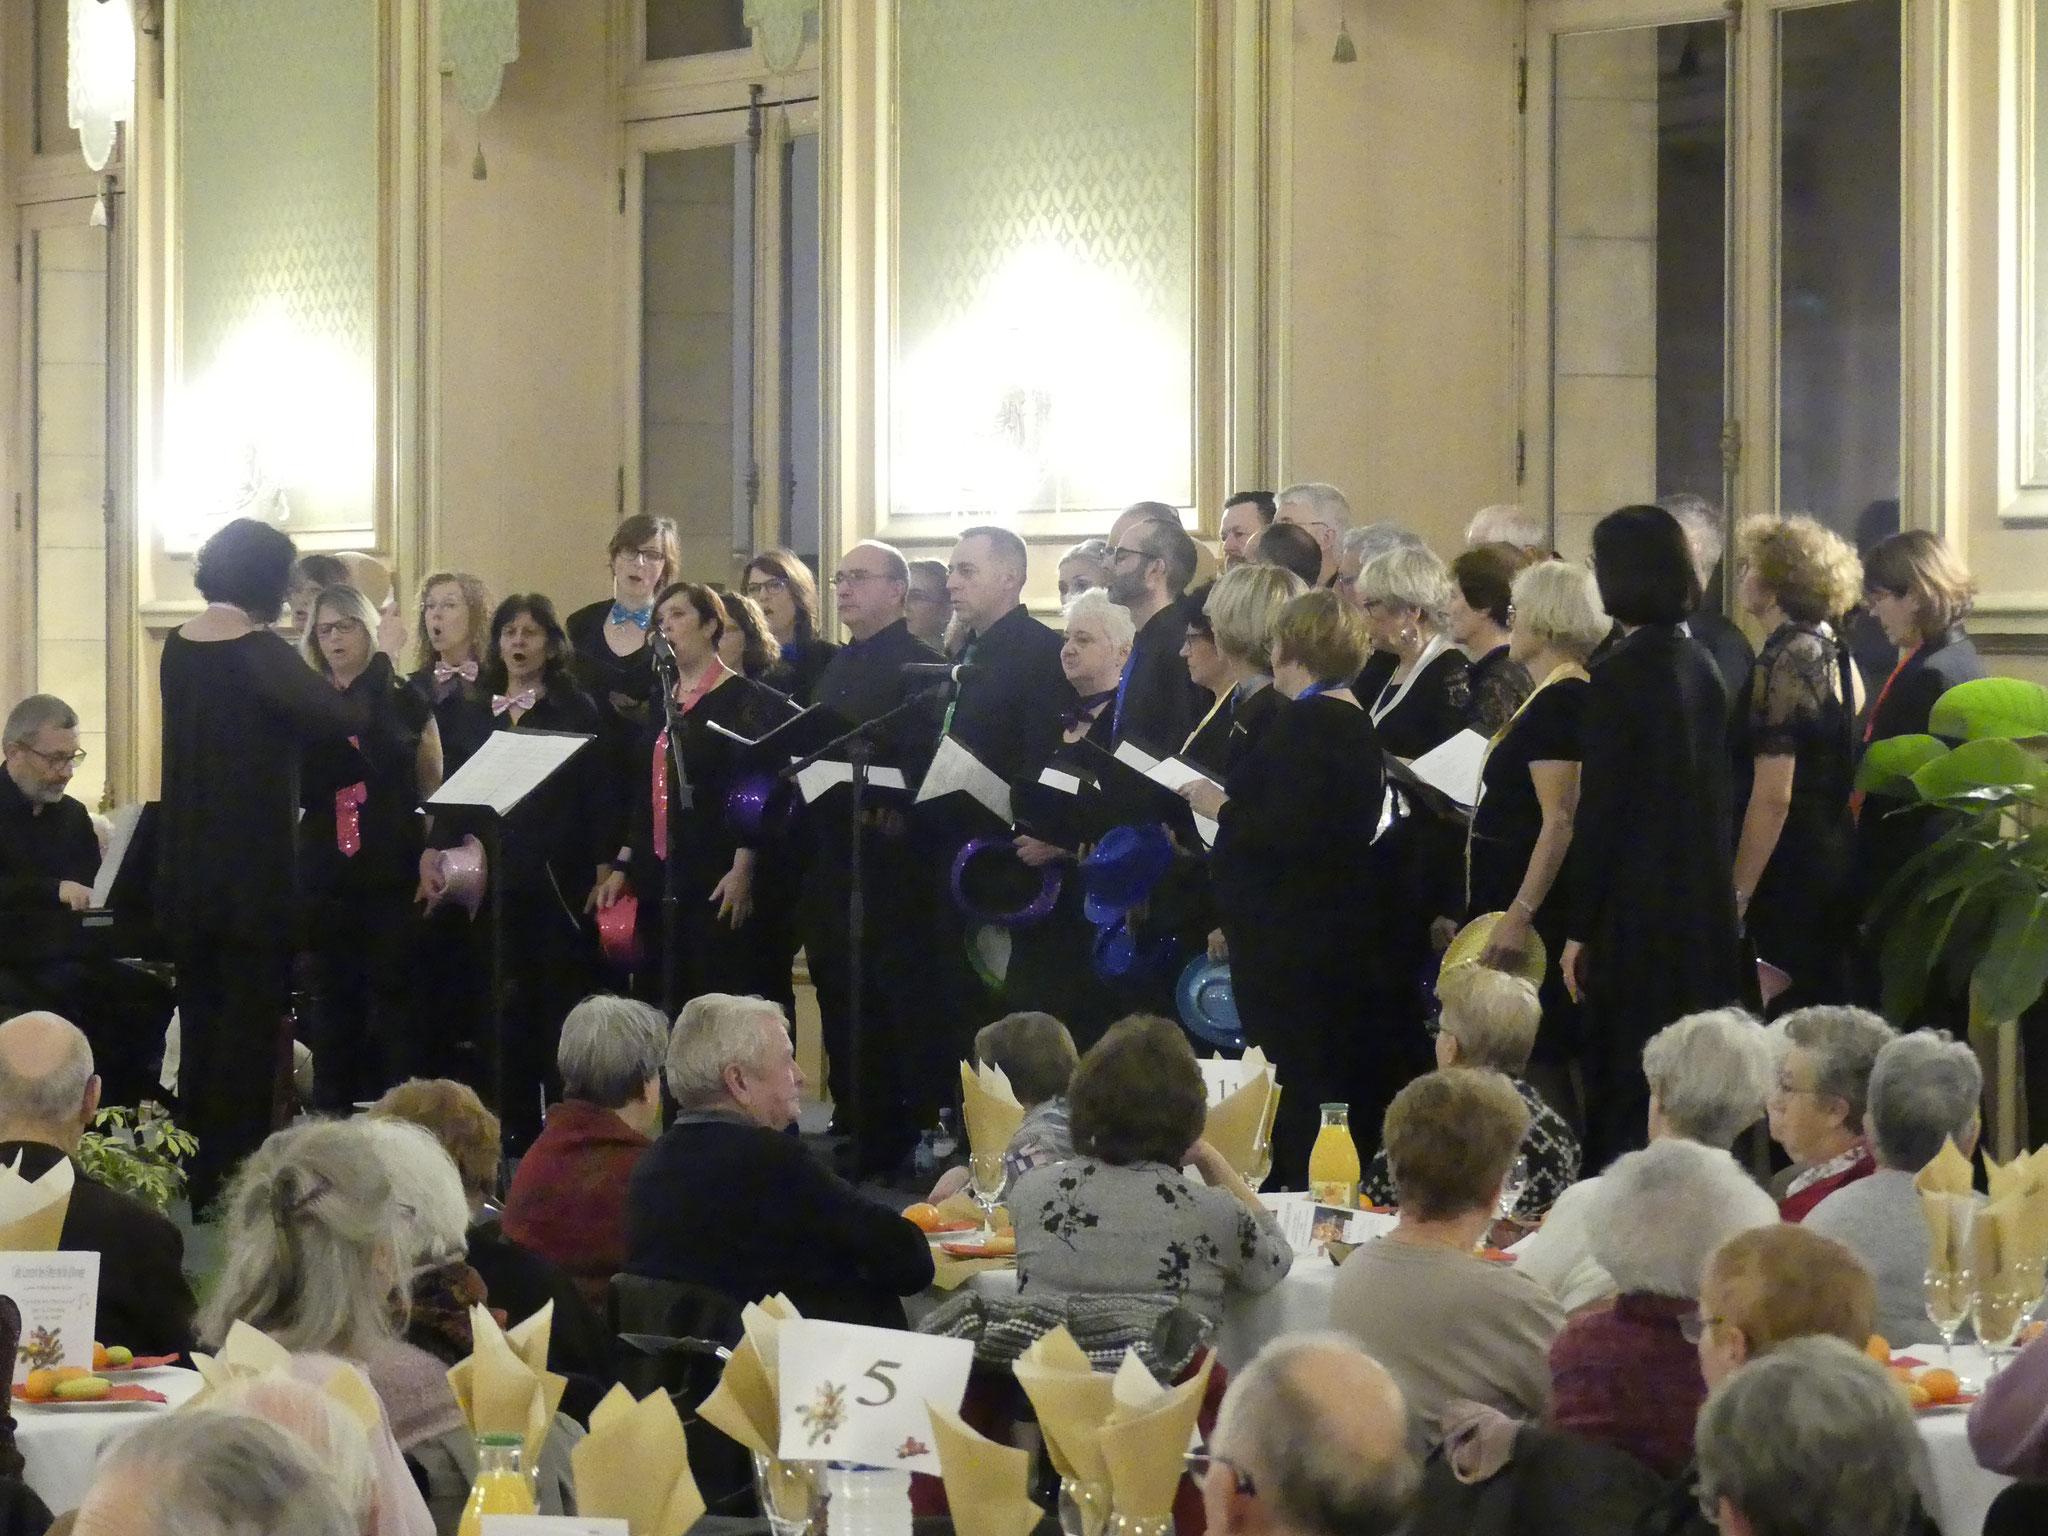 Apéro concert mairie de Tours